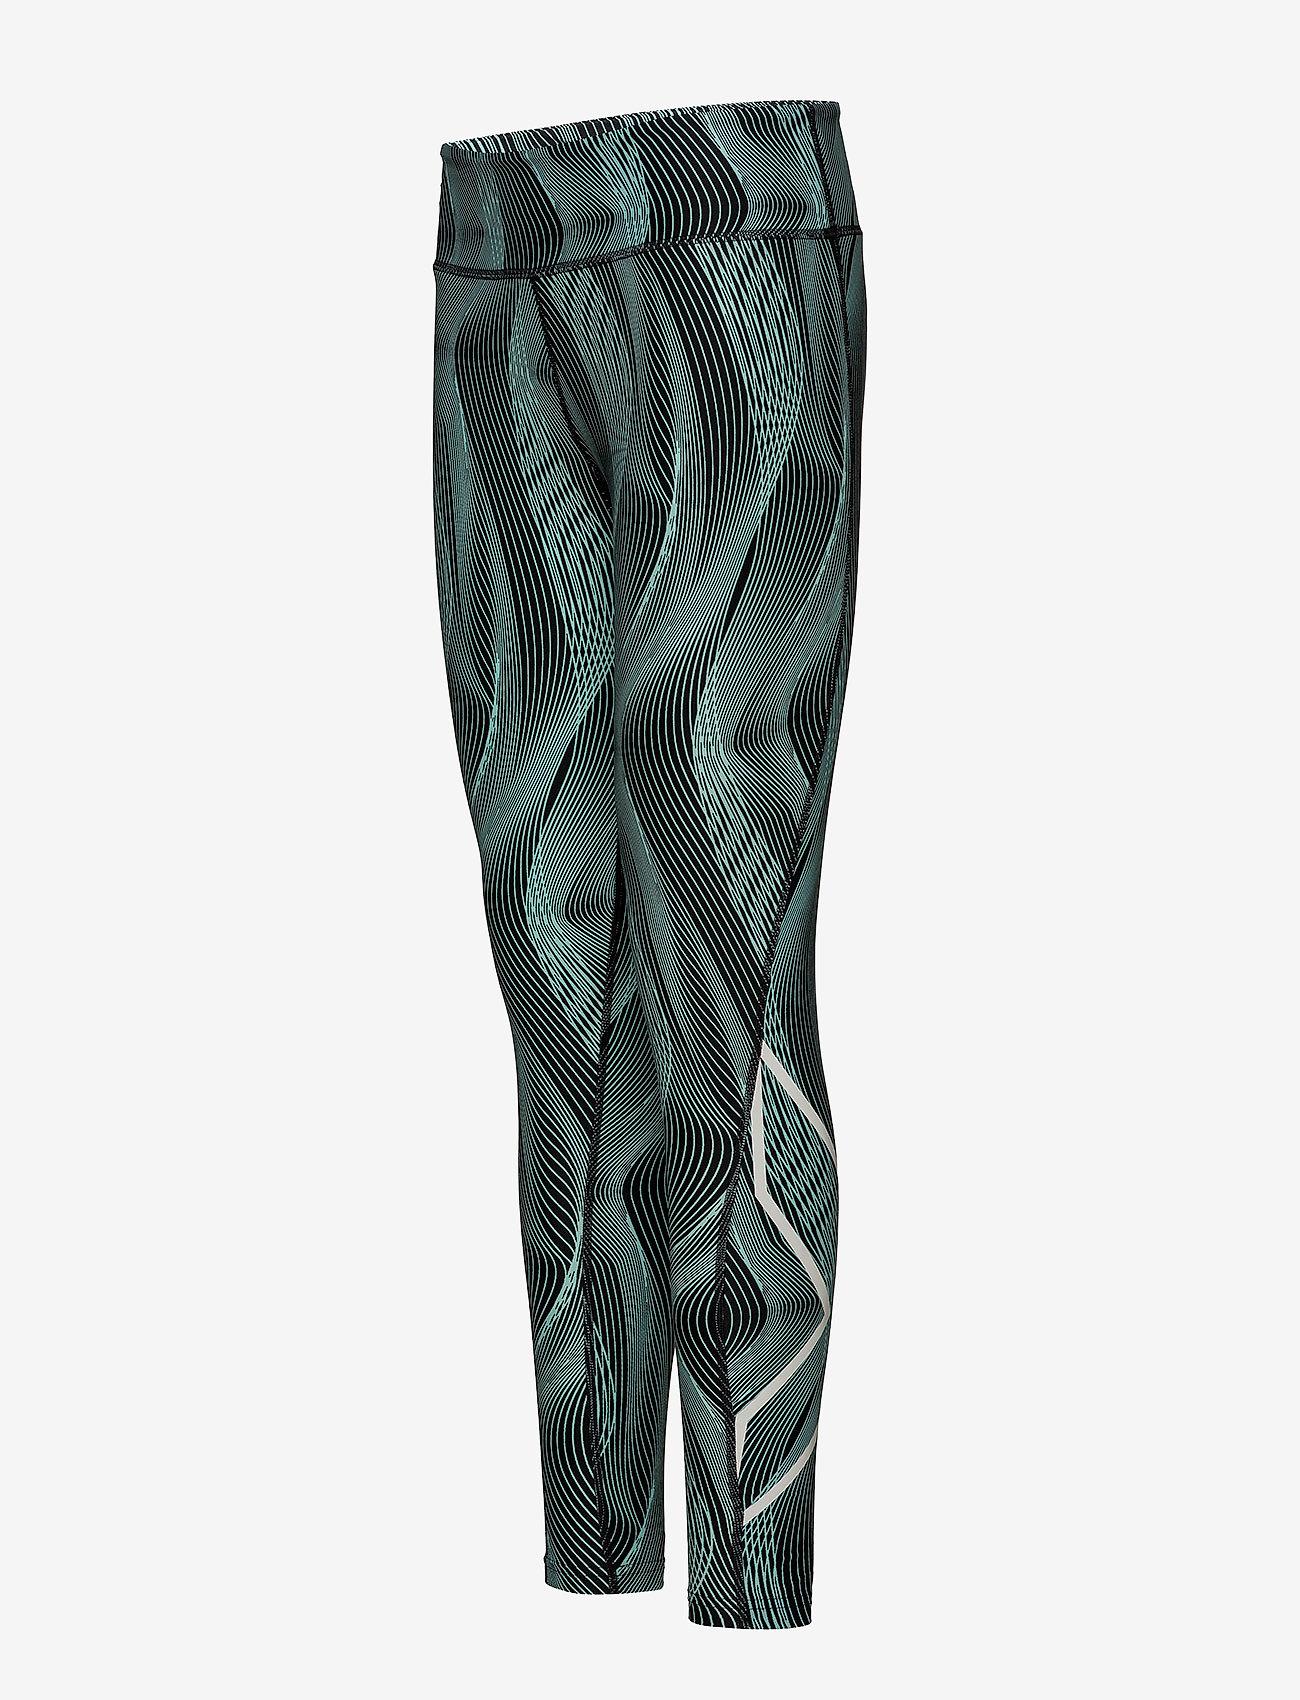 2xu Midriseprinttights-w - Leggings & Tights